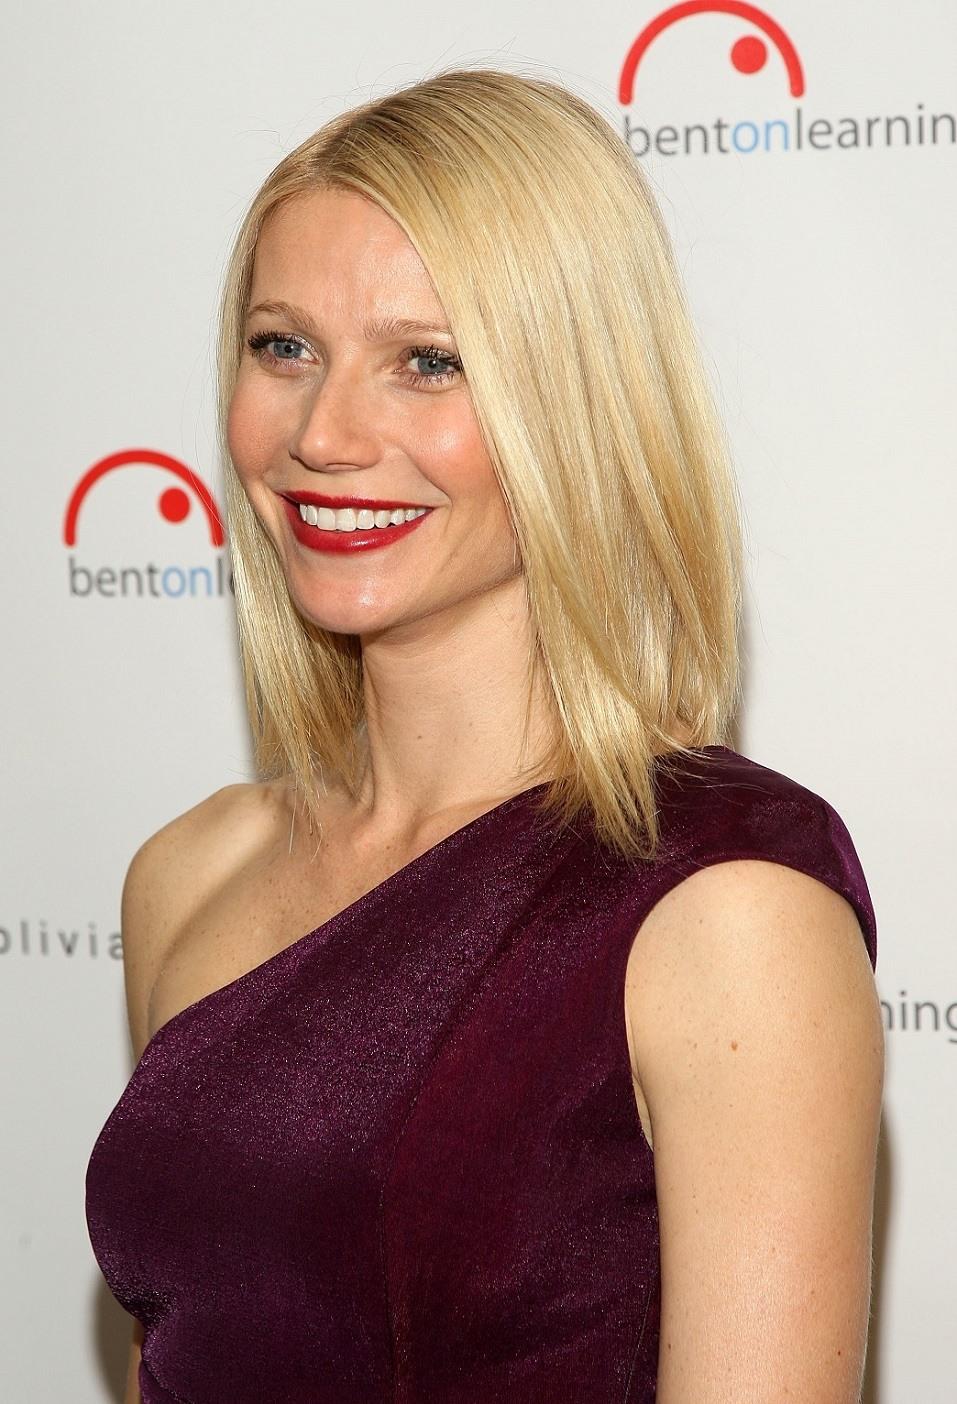 Actress Gwyneth Paltrow